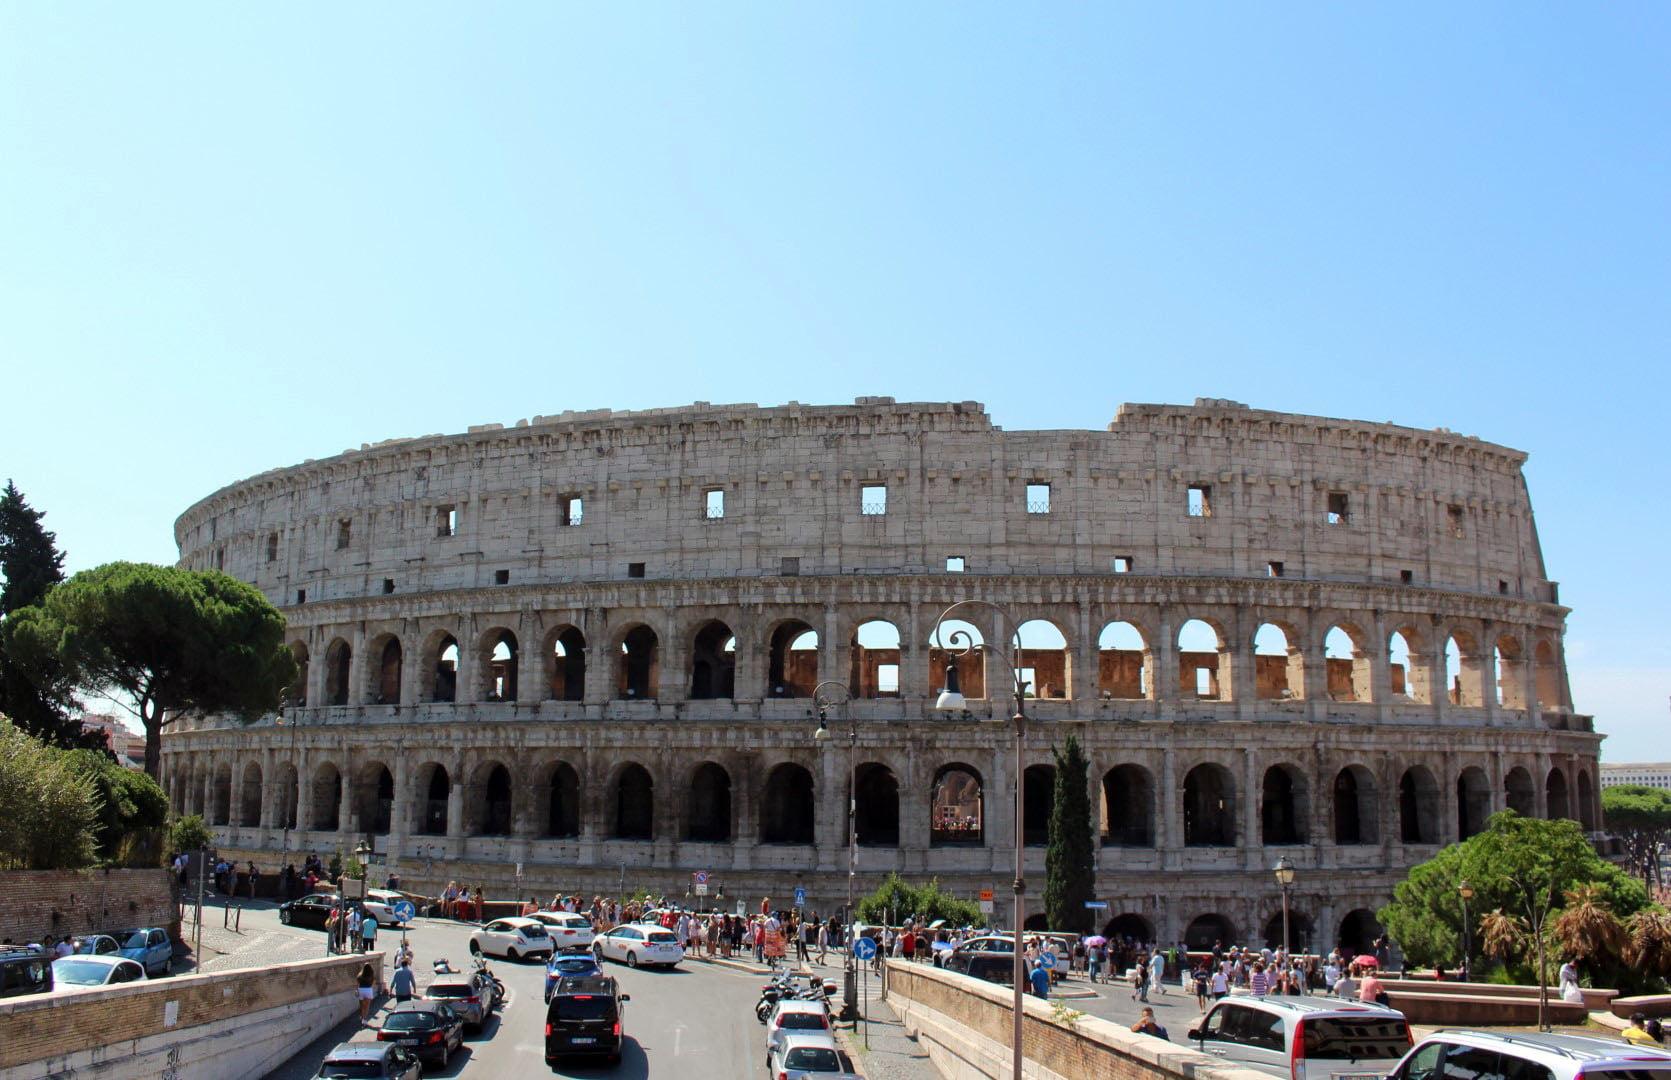 Italija_Rim_Koloseum_Razgledanje_obilazak_Putovanje_2020_metropole_autobusom